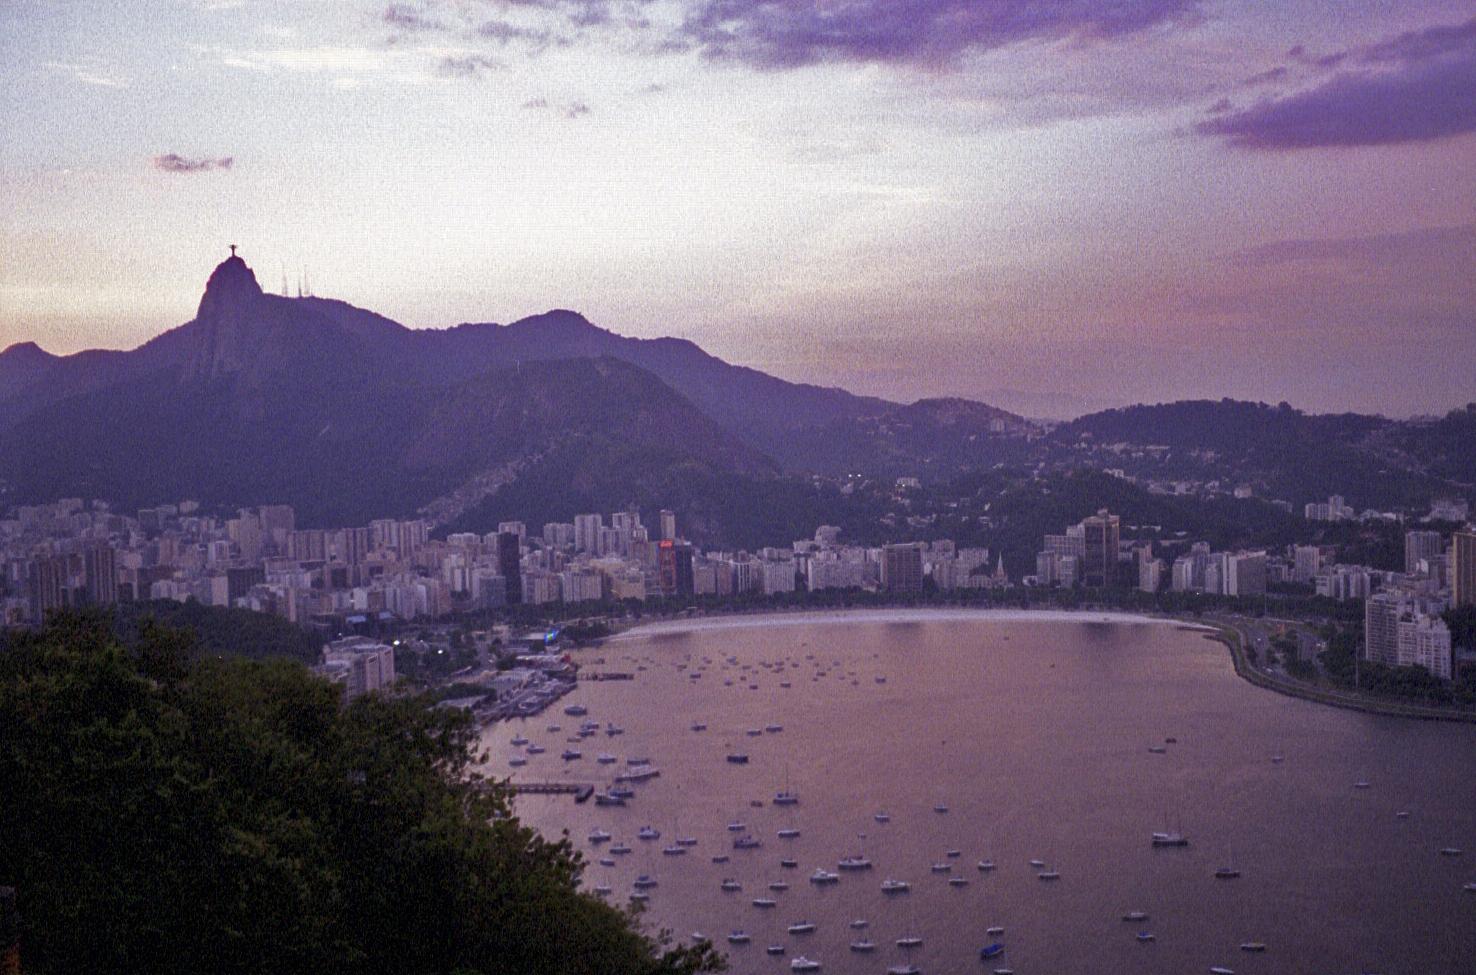 view from Pão de Açúcar, Rio de Janeiro (note: this image is not suitable for large prints)